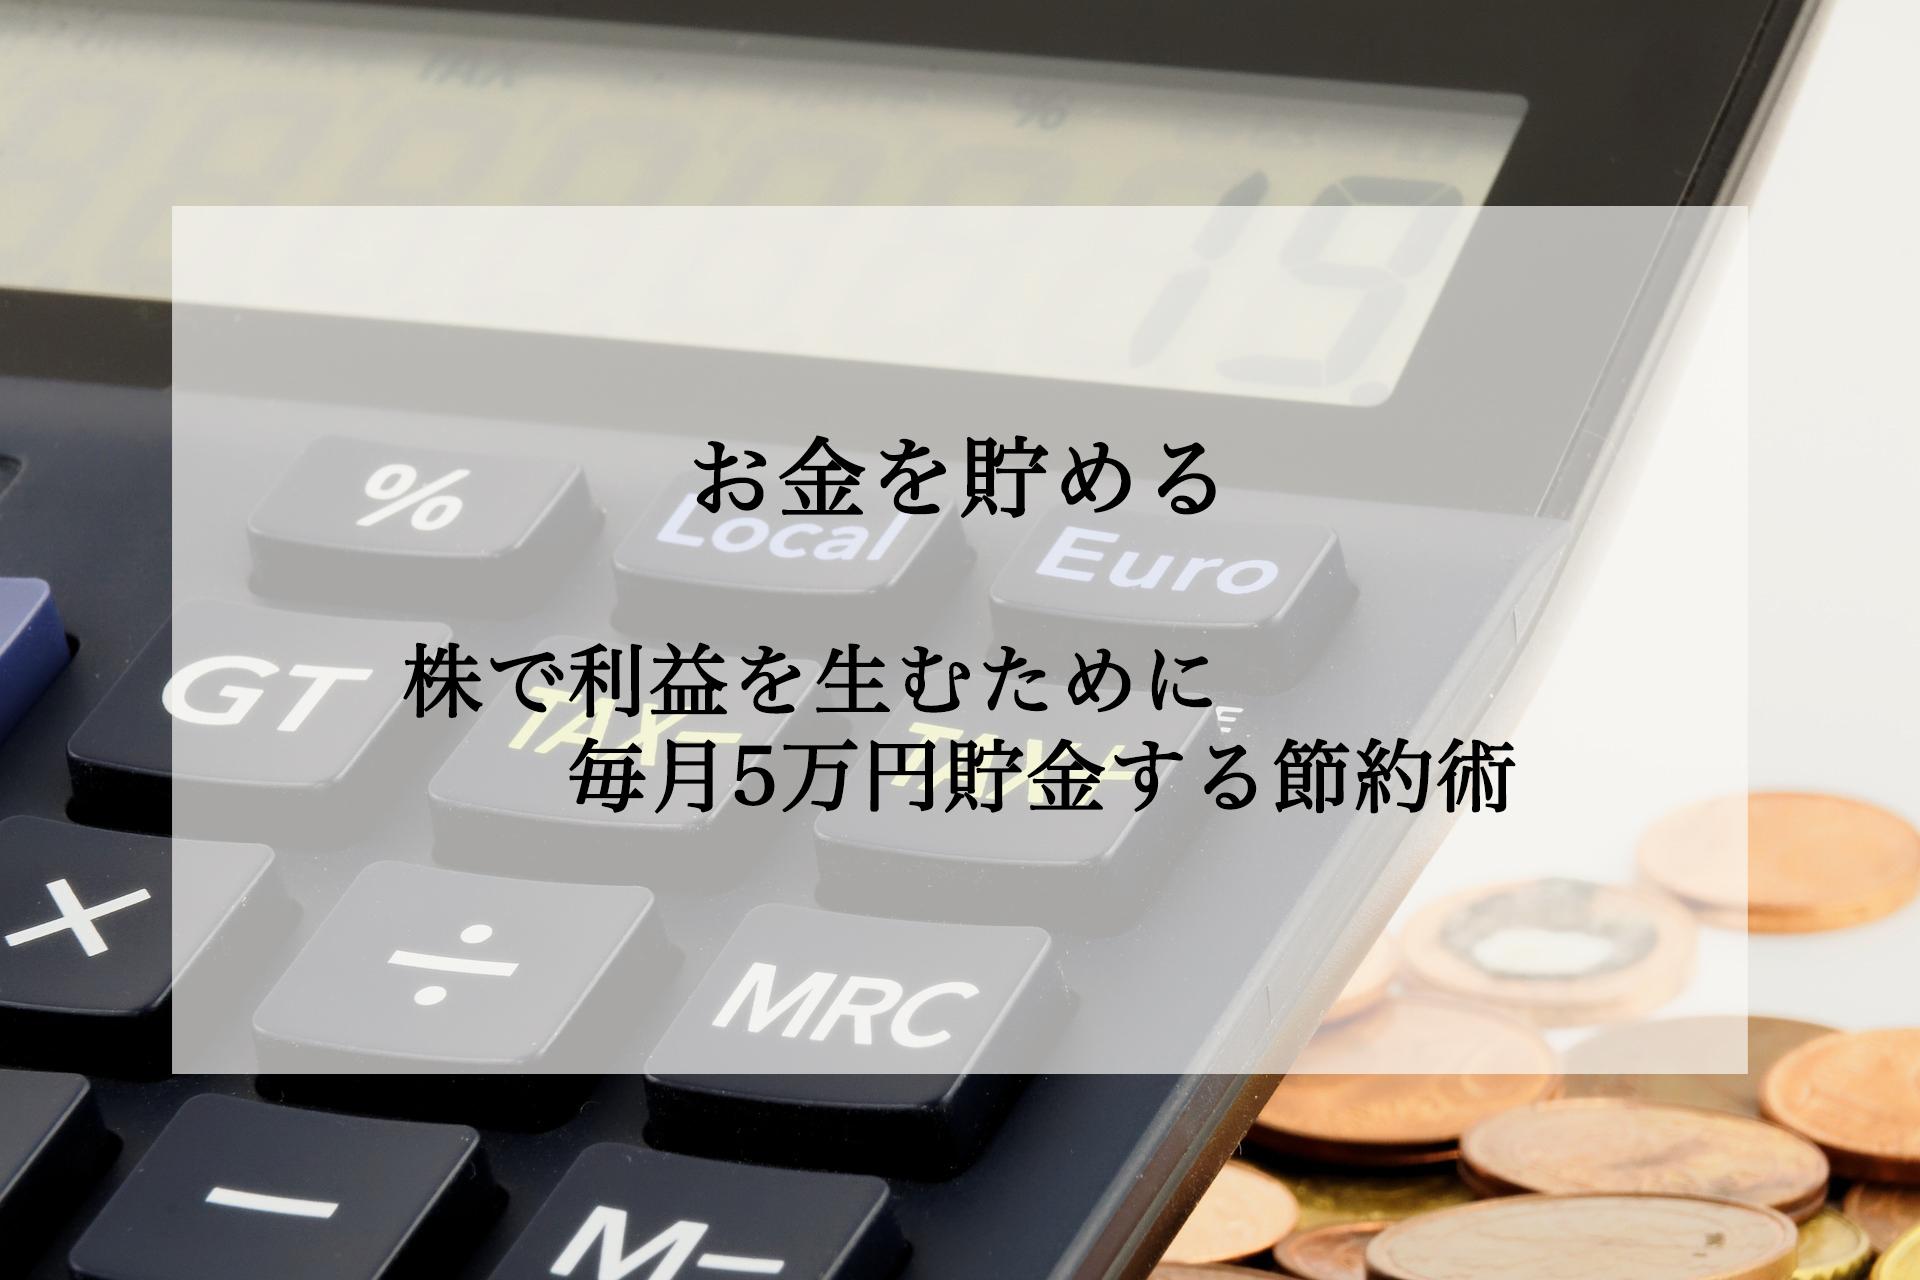 【お金を貯める】株で利益を生むために毎月5万円を貯める節約術を紹介